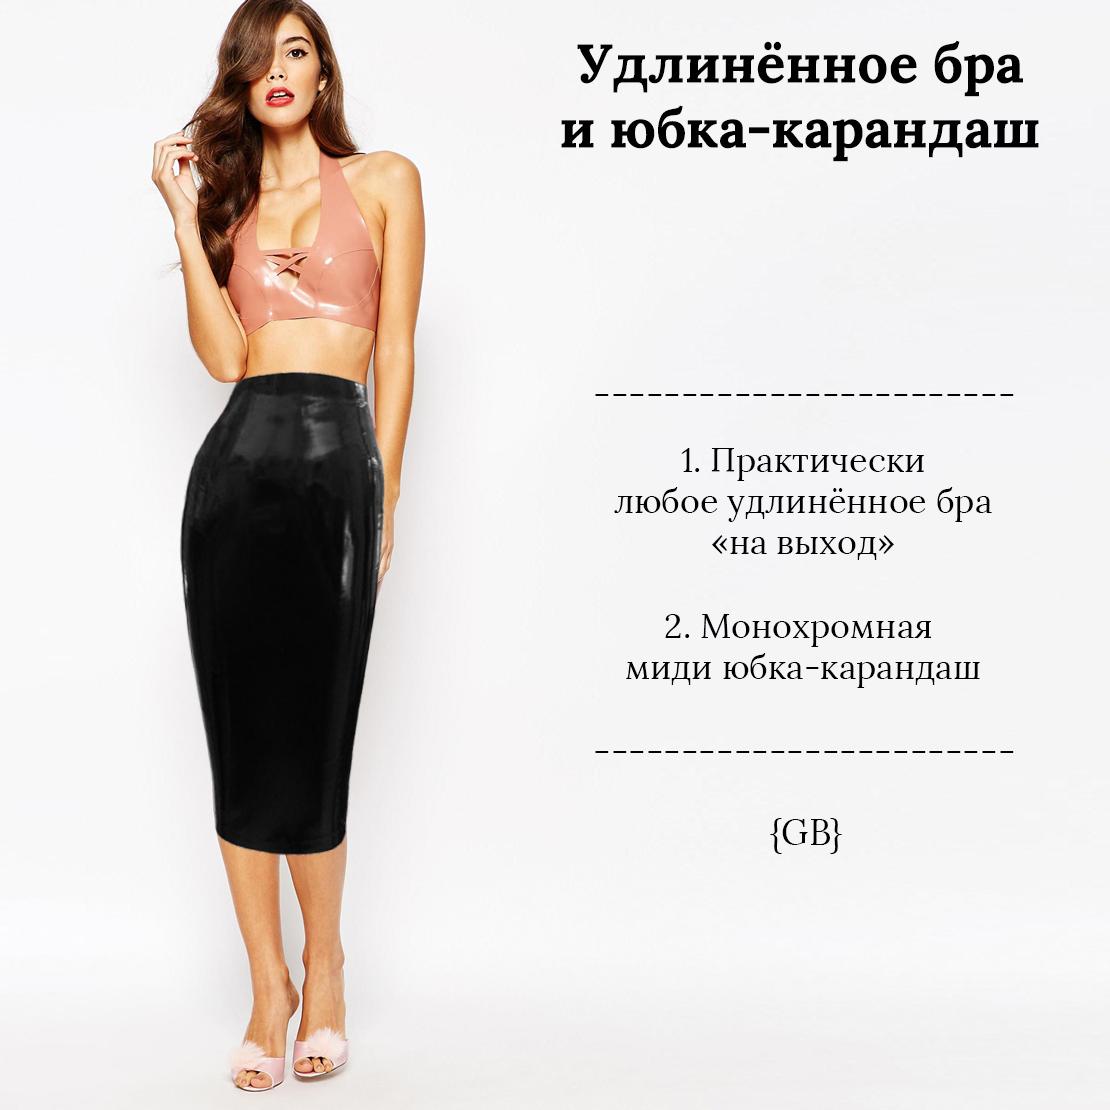 Удлинённое бра в качестве верхней одежды Стиль GB Garterblog.ru